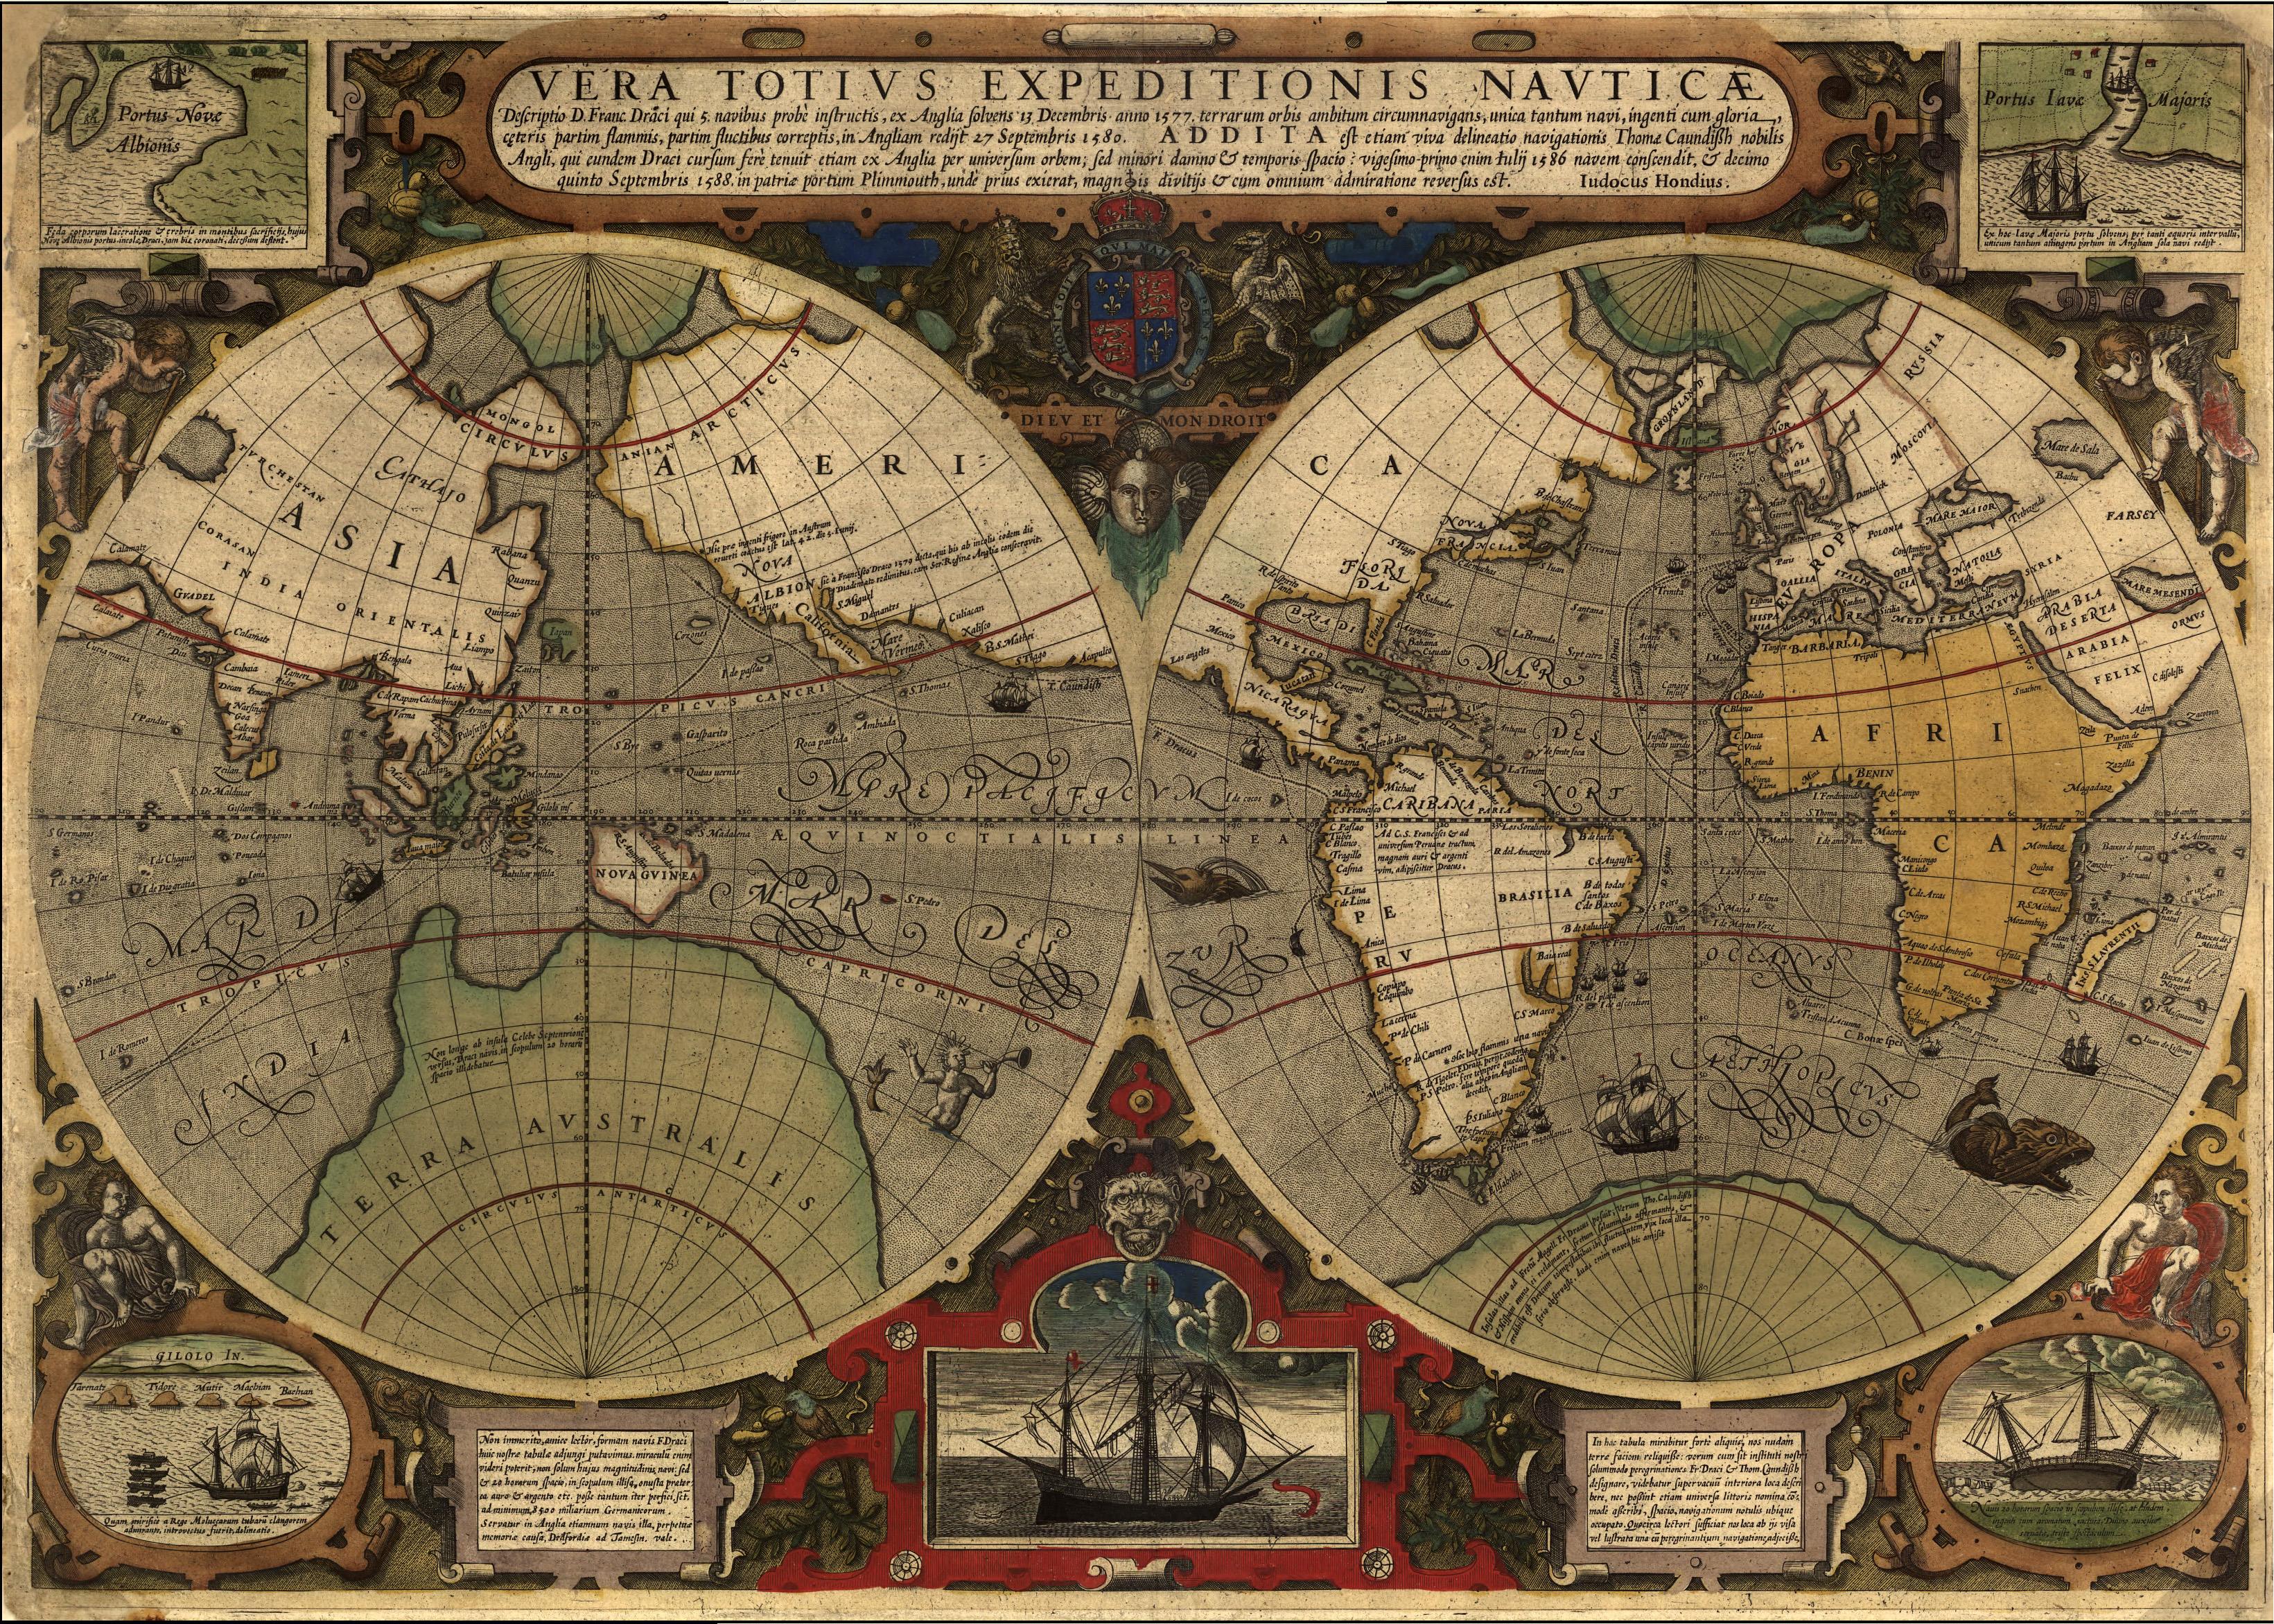 File:1595 Vera Totius Hondius.jpg